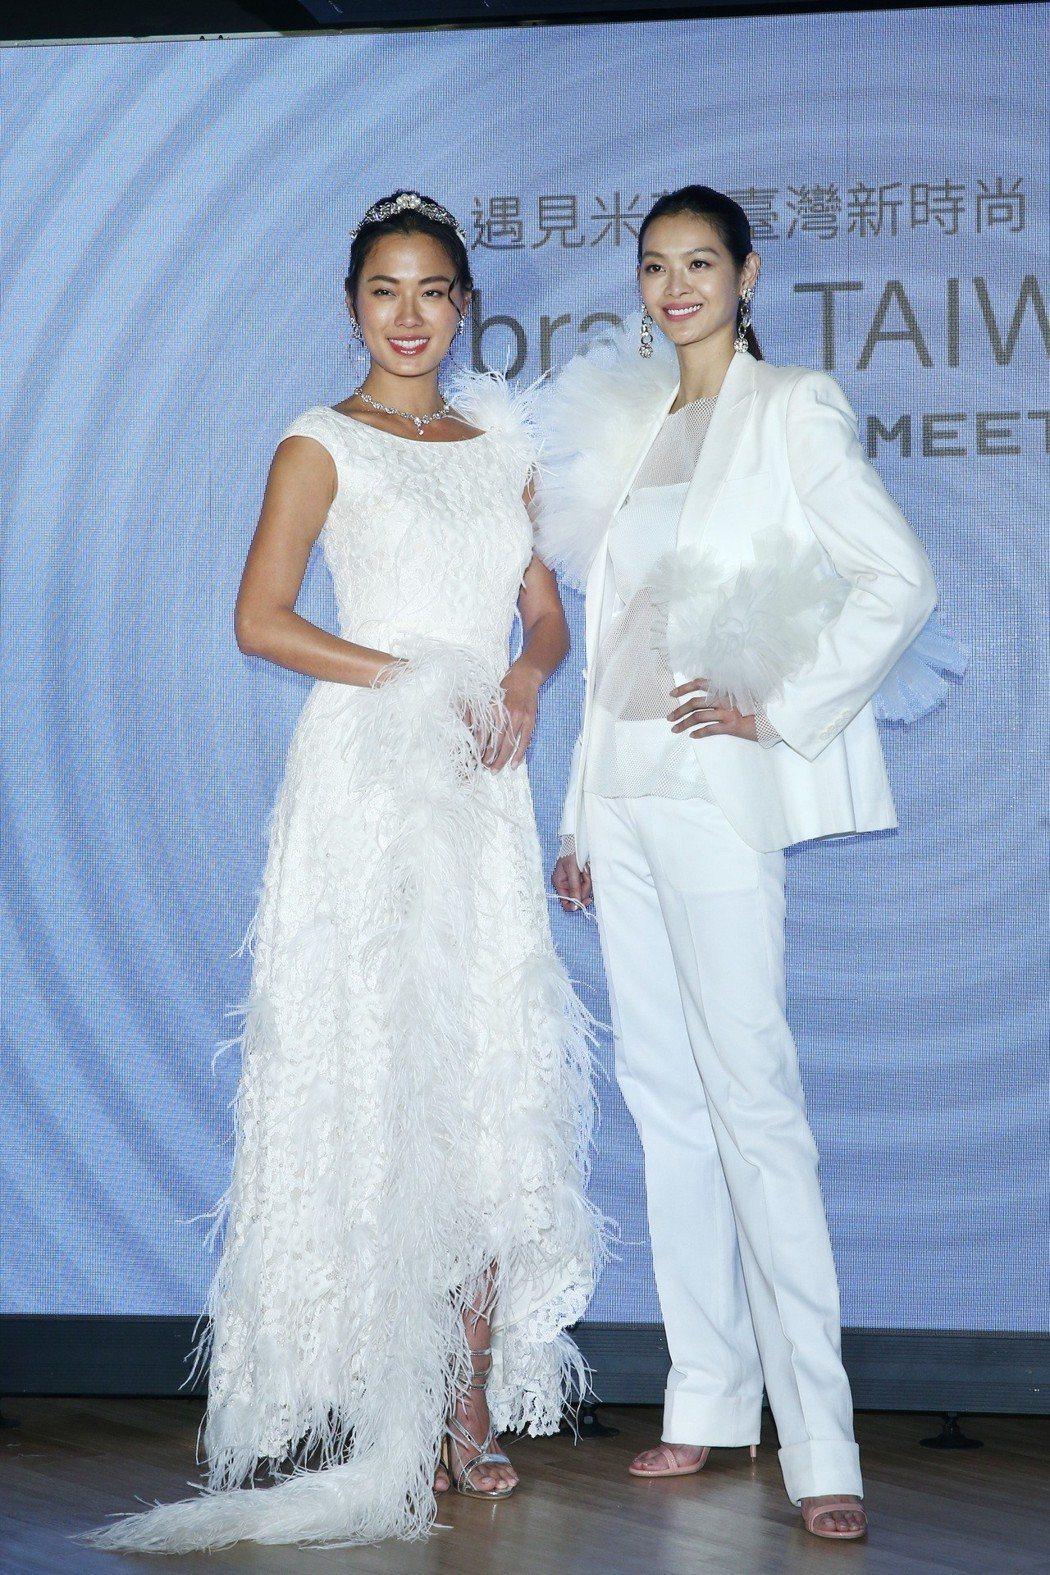 林嘉綺(右)與王麗雅將前進義大利米蘭,推廣台灣的紡織產業。記者蘇健忠/攝影